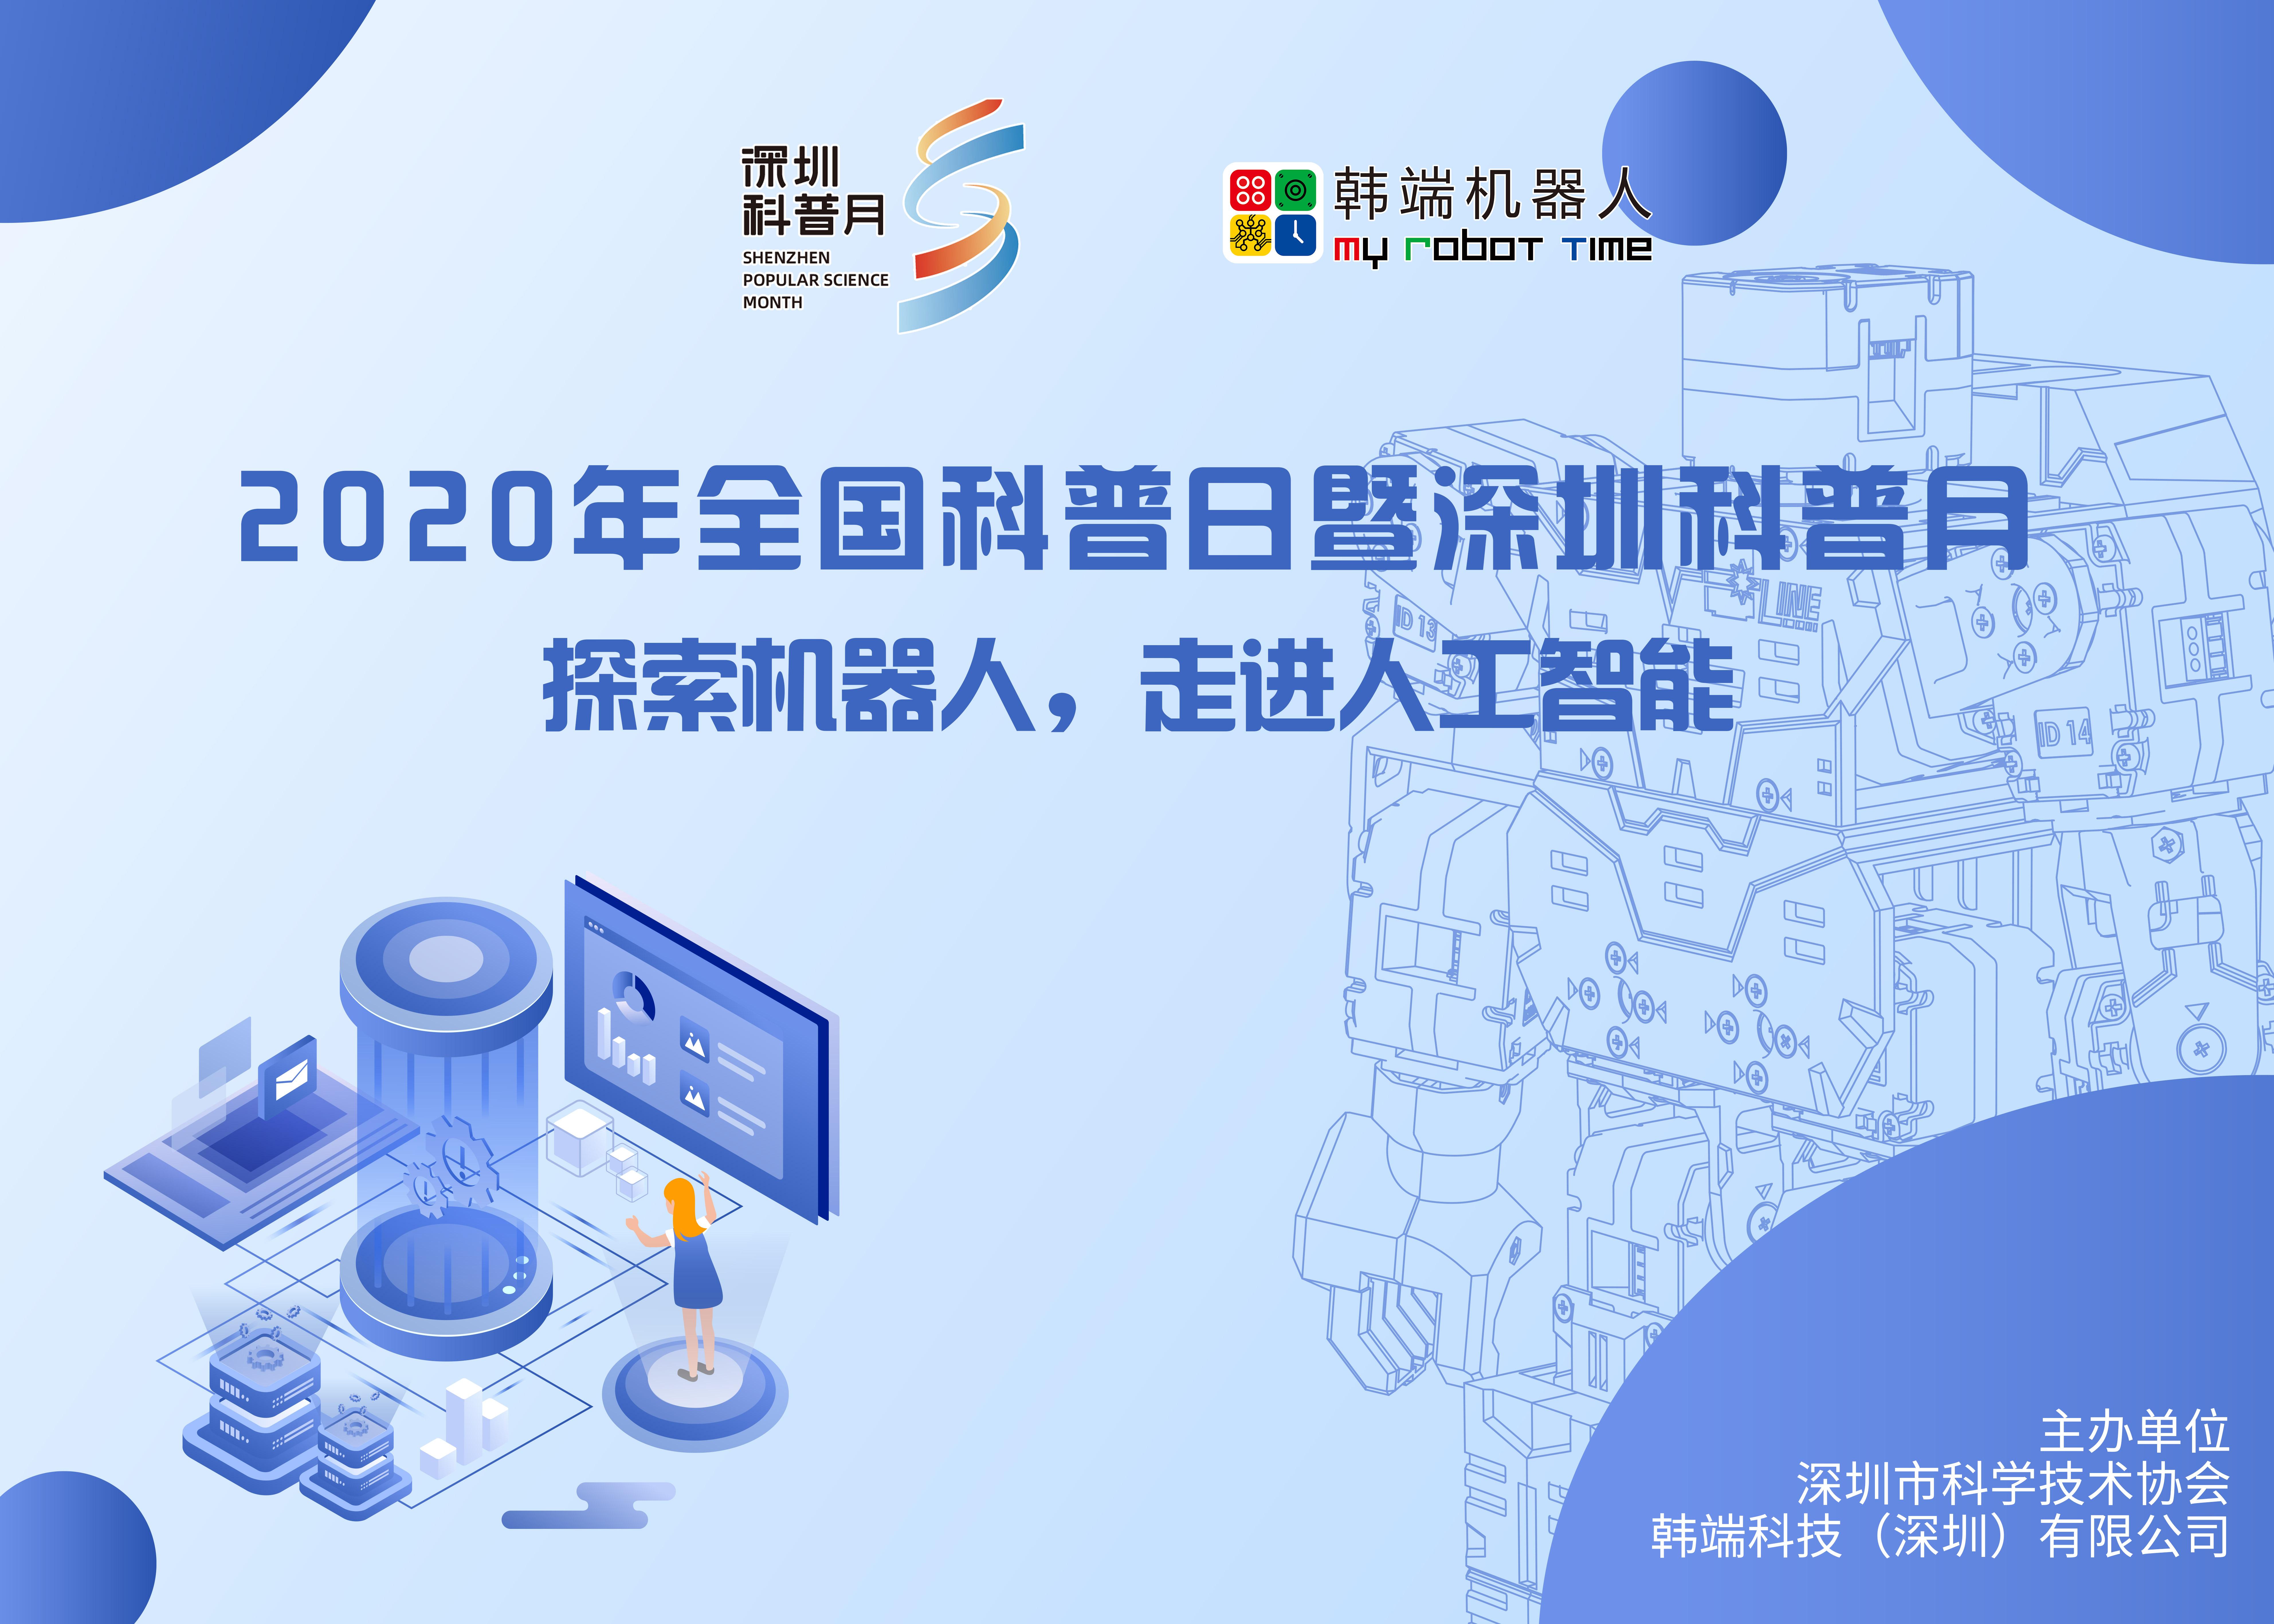 """""""探索机器人,走进人工智能""""—2020年全国科普日暨深圳科普月系列活动圆满结束!"""